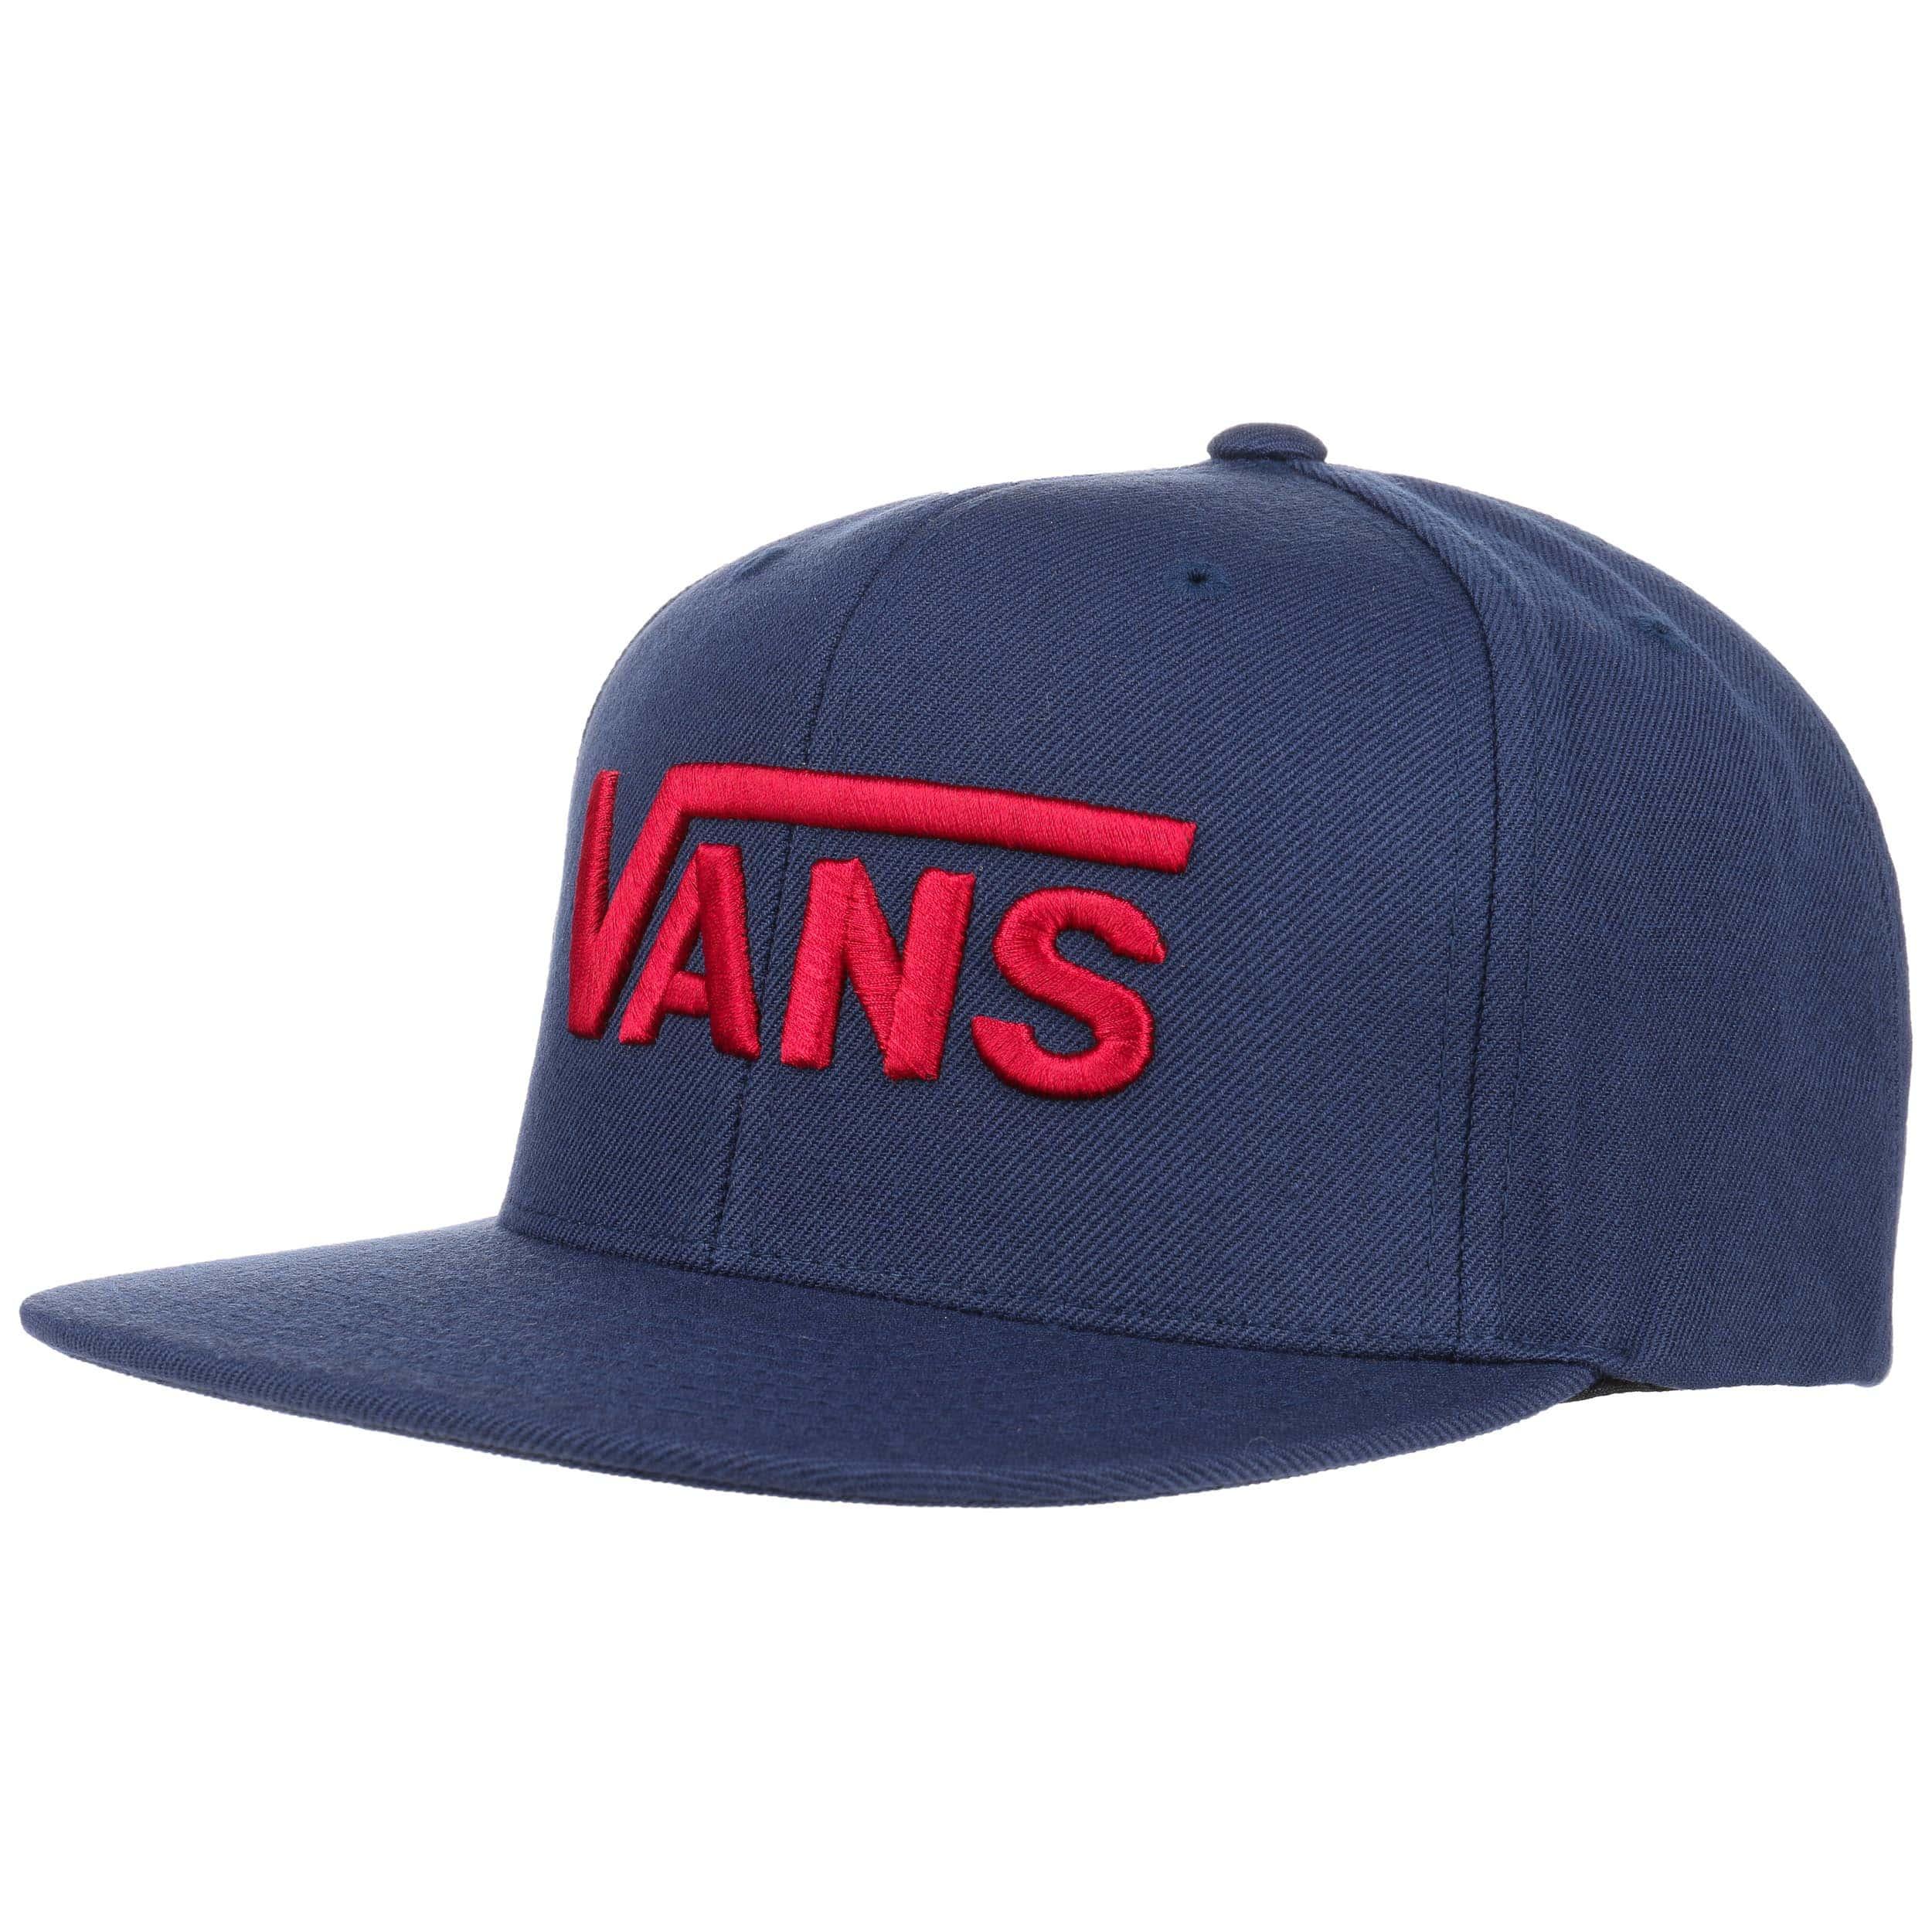 Gorra Drop V Snapback Cap by Vans - Gorras - sombreroshop.es 918b8ba98b6